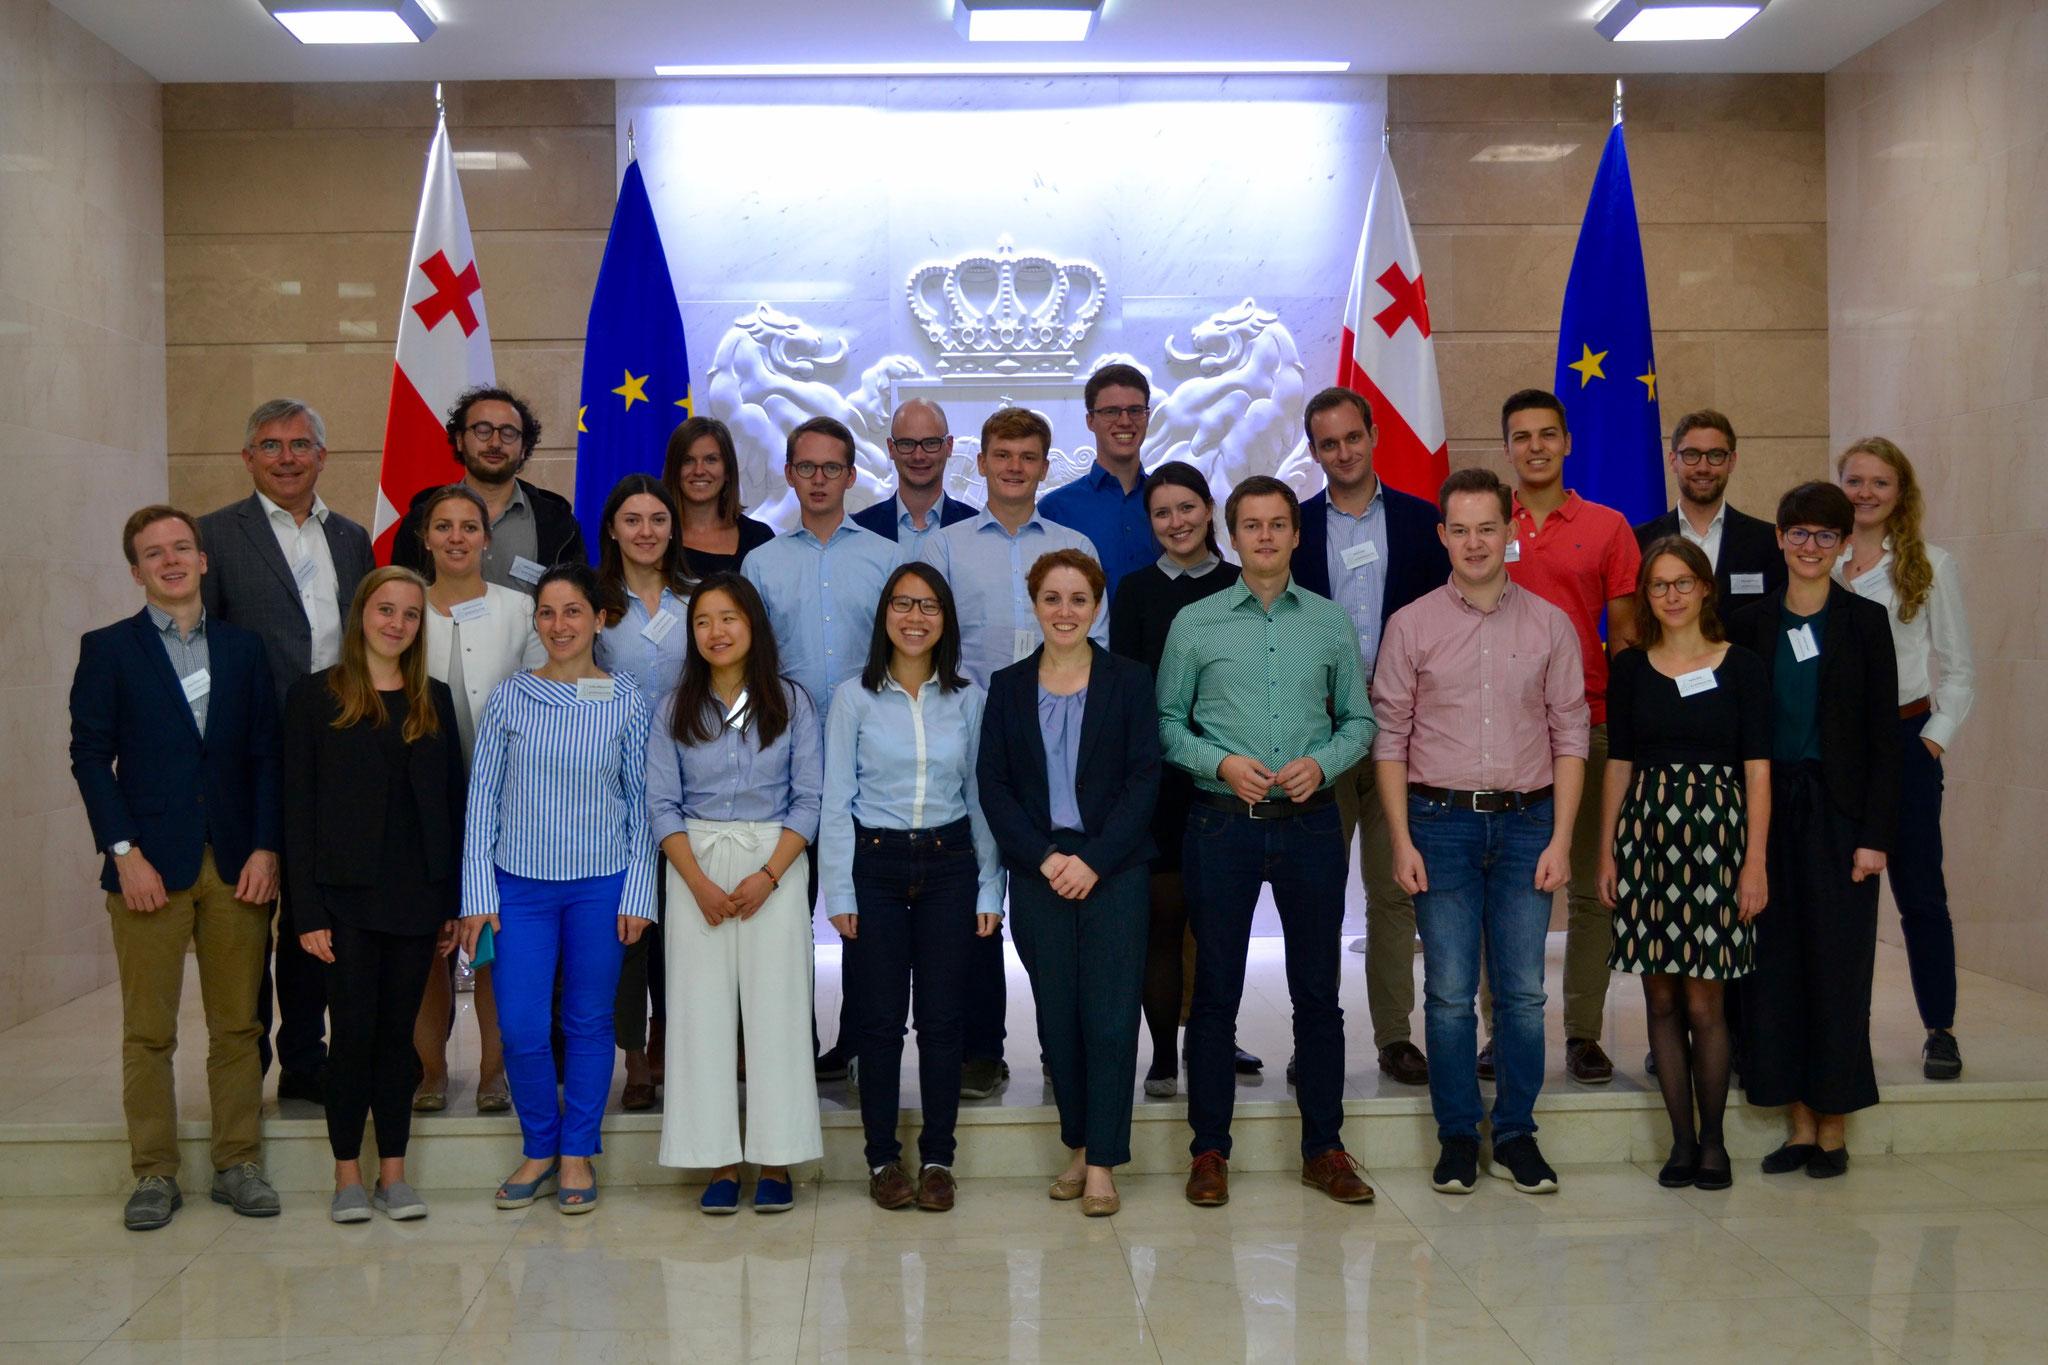 Die Stipendiaten nach dem Gespräch mit der Staatsministerin für Versöhnung und bürgerliche Gleichheit, Ketevan Tsikhelashvili